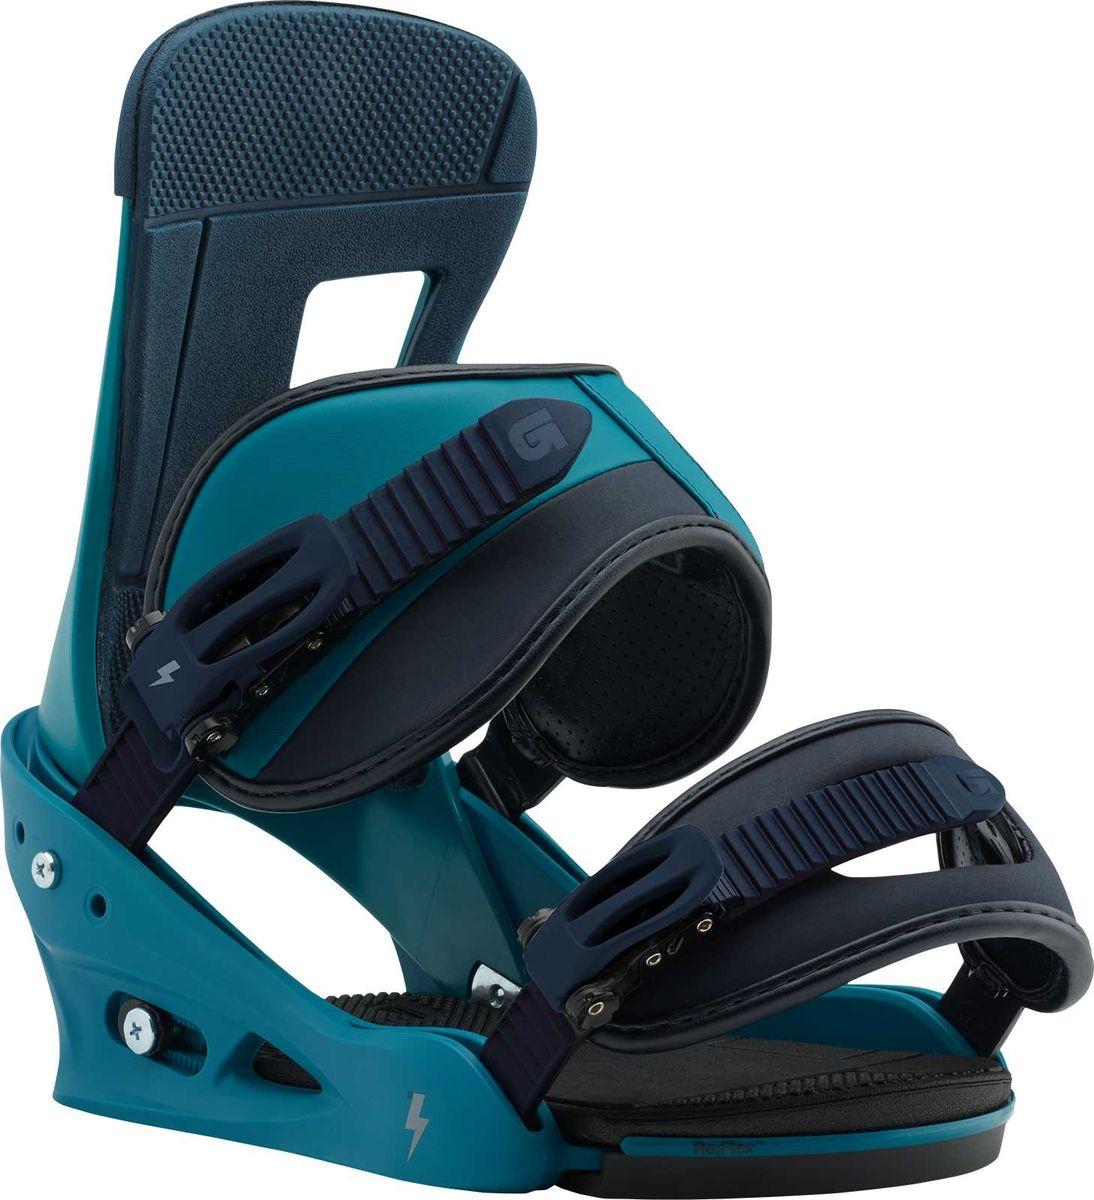 Крепление для сноуборда Burton Freestyle Mariner Green, цвет: черный, бирюзовый. Размер M10544104310Несмотря на то, что крепления Burton Freestyle располагаются в начале линейки Burton, они обладают всеми основными технологиями, присущими более верхним креплениям. Система крепления Re:Flex позволяет лучше чувствовать и контролировать доску и плавно вести дугу. Амортизационная система FullBED Cushioning System обеспечит комфортную посадку ботинка, мягкие удобные стрепы, надежно фиксируют ботинок, бакли имеют плавный ход, технология Flex Slider позволяет легко встегиваться в крепления, так как верхний стреп полностью откидывается. Всё это делает крепления Burton Freestyle востребованными не только для начинающих сноубордистов, но и для совершенствующих свое катание райдеров. Не удивительно, что крепления являются бестселлером Burton на протяжении уже 20 лет.Детали:- Однокомпонентная база из поликарбоната.- Технология креплений Re:Flex: крепления передают более естественные ощущения доски. Универсальны для всех существующих систем крепежа, включая 4x4, 3D и The Channel.- Технология Flex Slider позволяет легко встегиваться и выстегиваться из креплений.- Однокомпонентный хайбэк: залог хорошей отзывчивости.- Новый верхний стреп Reactstraps: плотно и равномерно фиксирует ботинок.- Нижний стреп Convertible Capstrap плотно прилегает к носку ботинка.- Технология Fullbed: амортизирующая стелька из вспененного материала EVA, обеспечивает комфортную посадку ботинка в креплении, не затрудняет доступ к крепежной системе.- Бакли Smooth Glide: легкие металлические клипсы с мягким ходом при расстегивании и надежным сцеплением при катании.